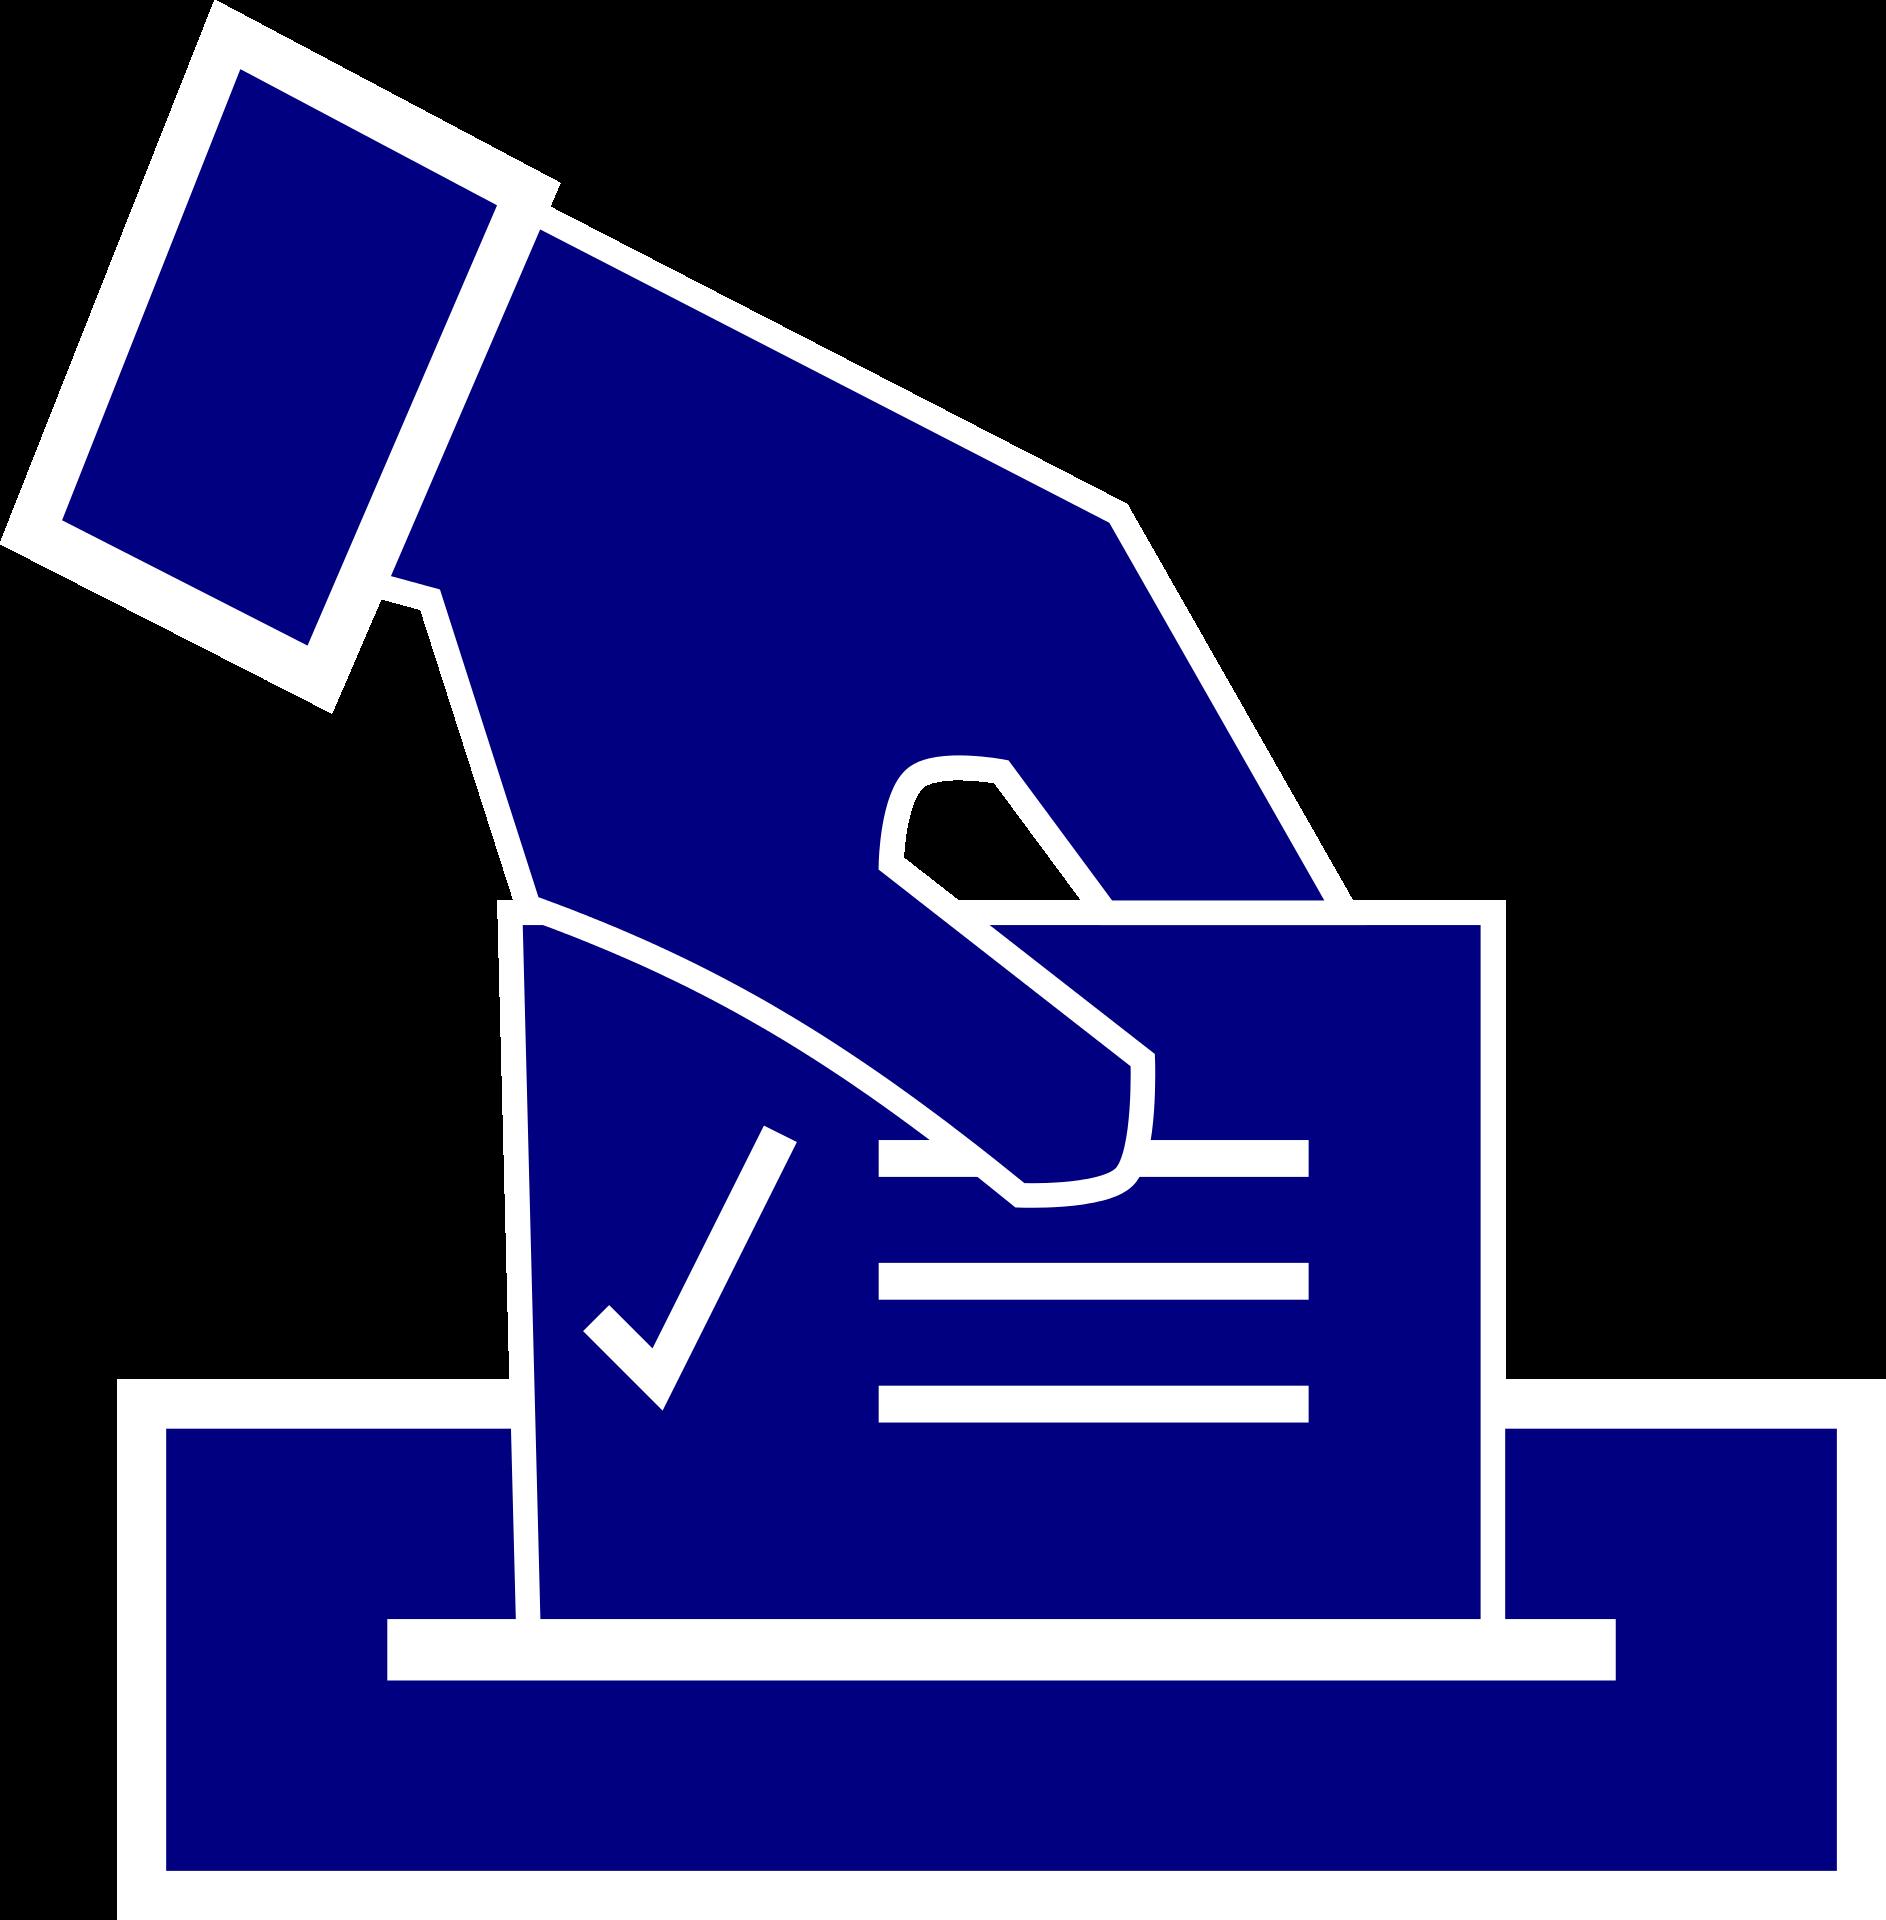 Piktogram einer Hand die einen Wahlzettel in eine Urne wirft